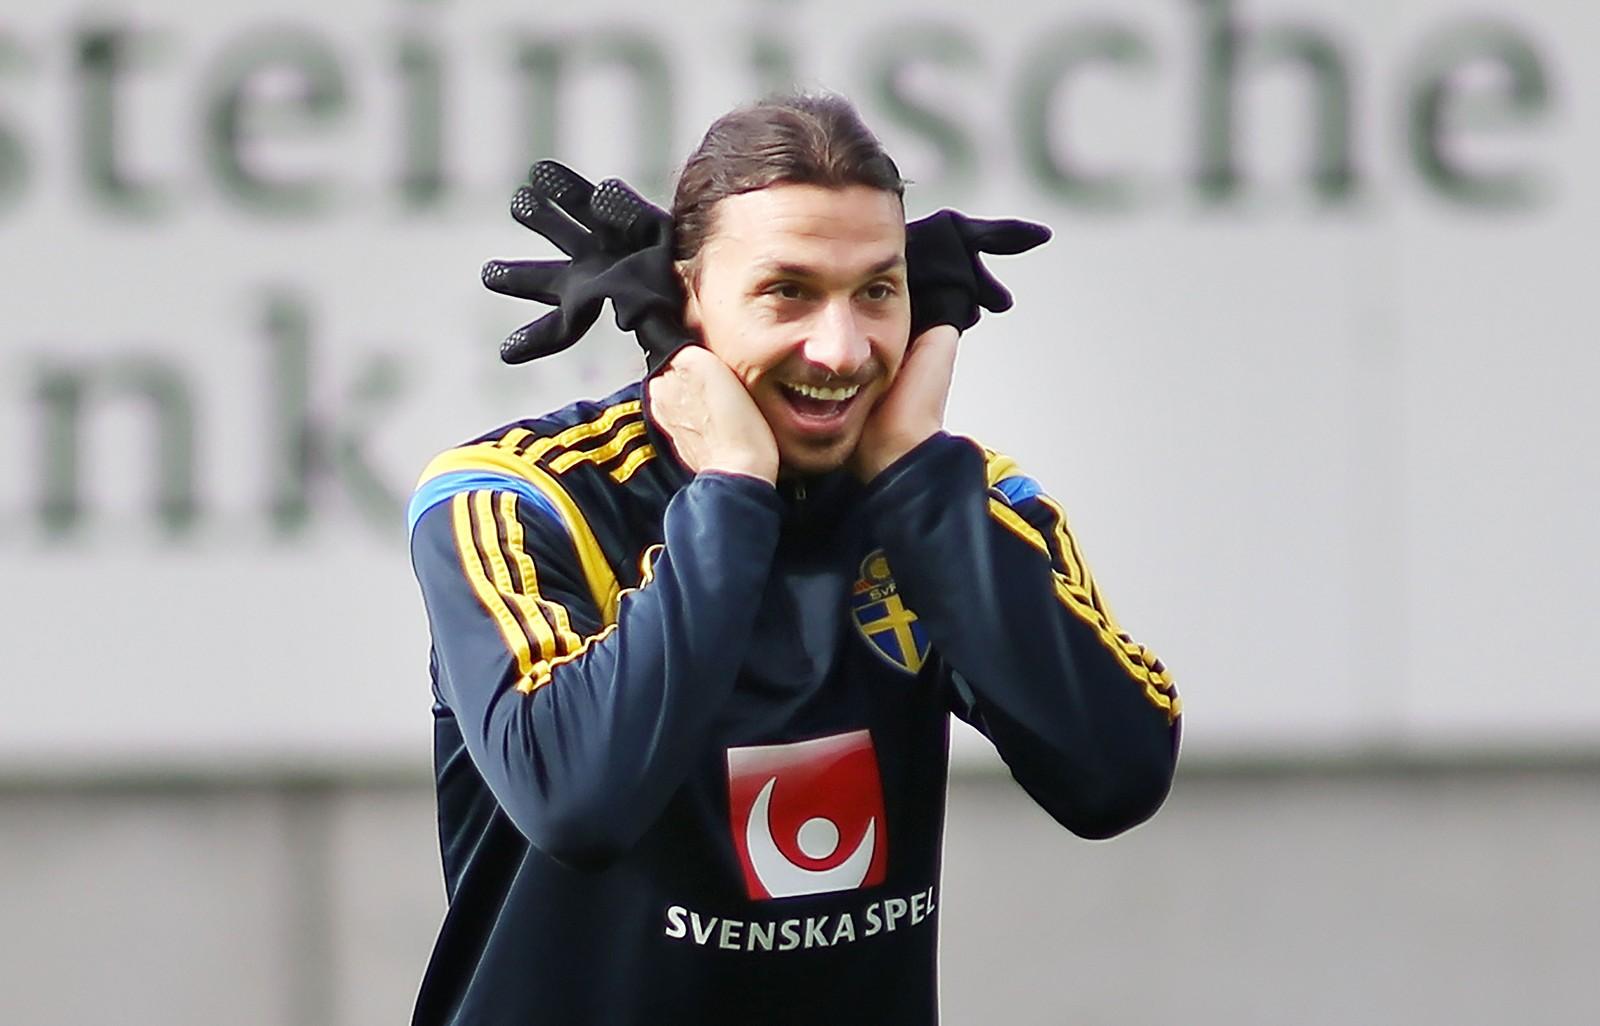 Sveriges superspiss Zlatan Ibrahimovic gjør ablegøyer med hanskene sine under en trening før EM-kvalifiseringskampen mot Liechtenstein.